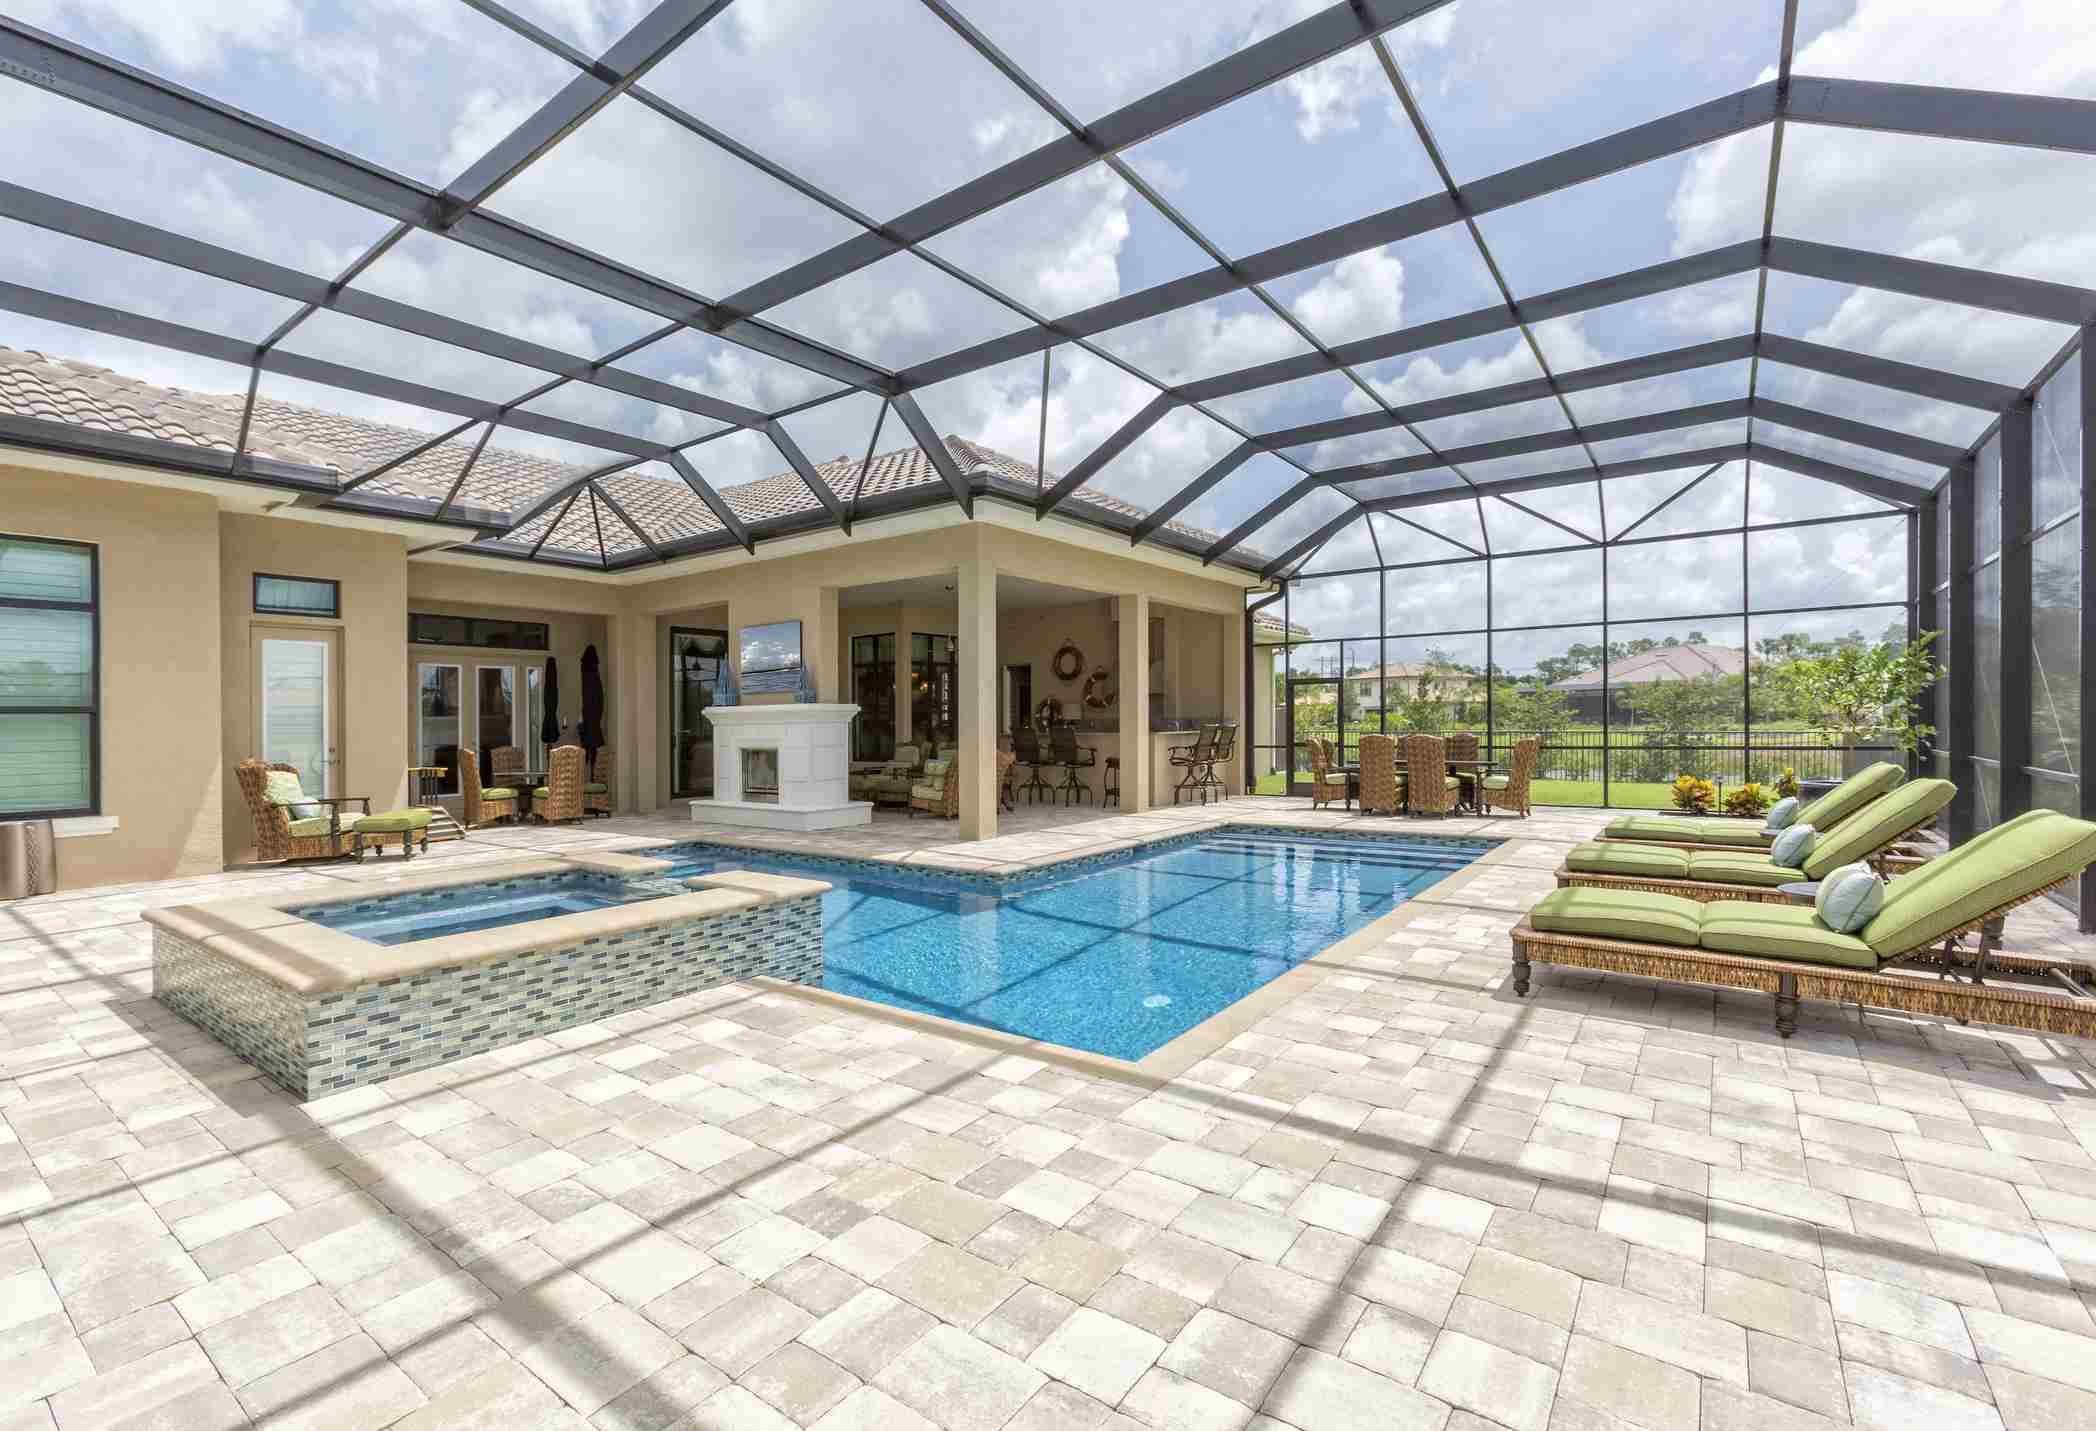 Una piscina cubierta con vidrio techo y baldosas, así como muebles de patio verdes